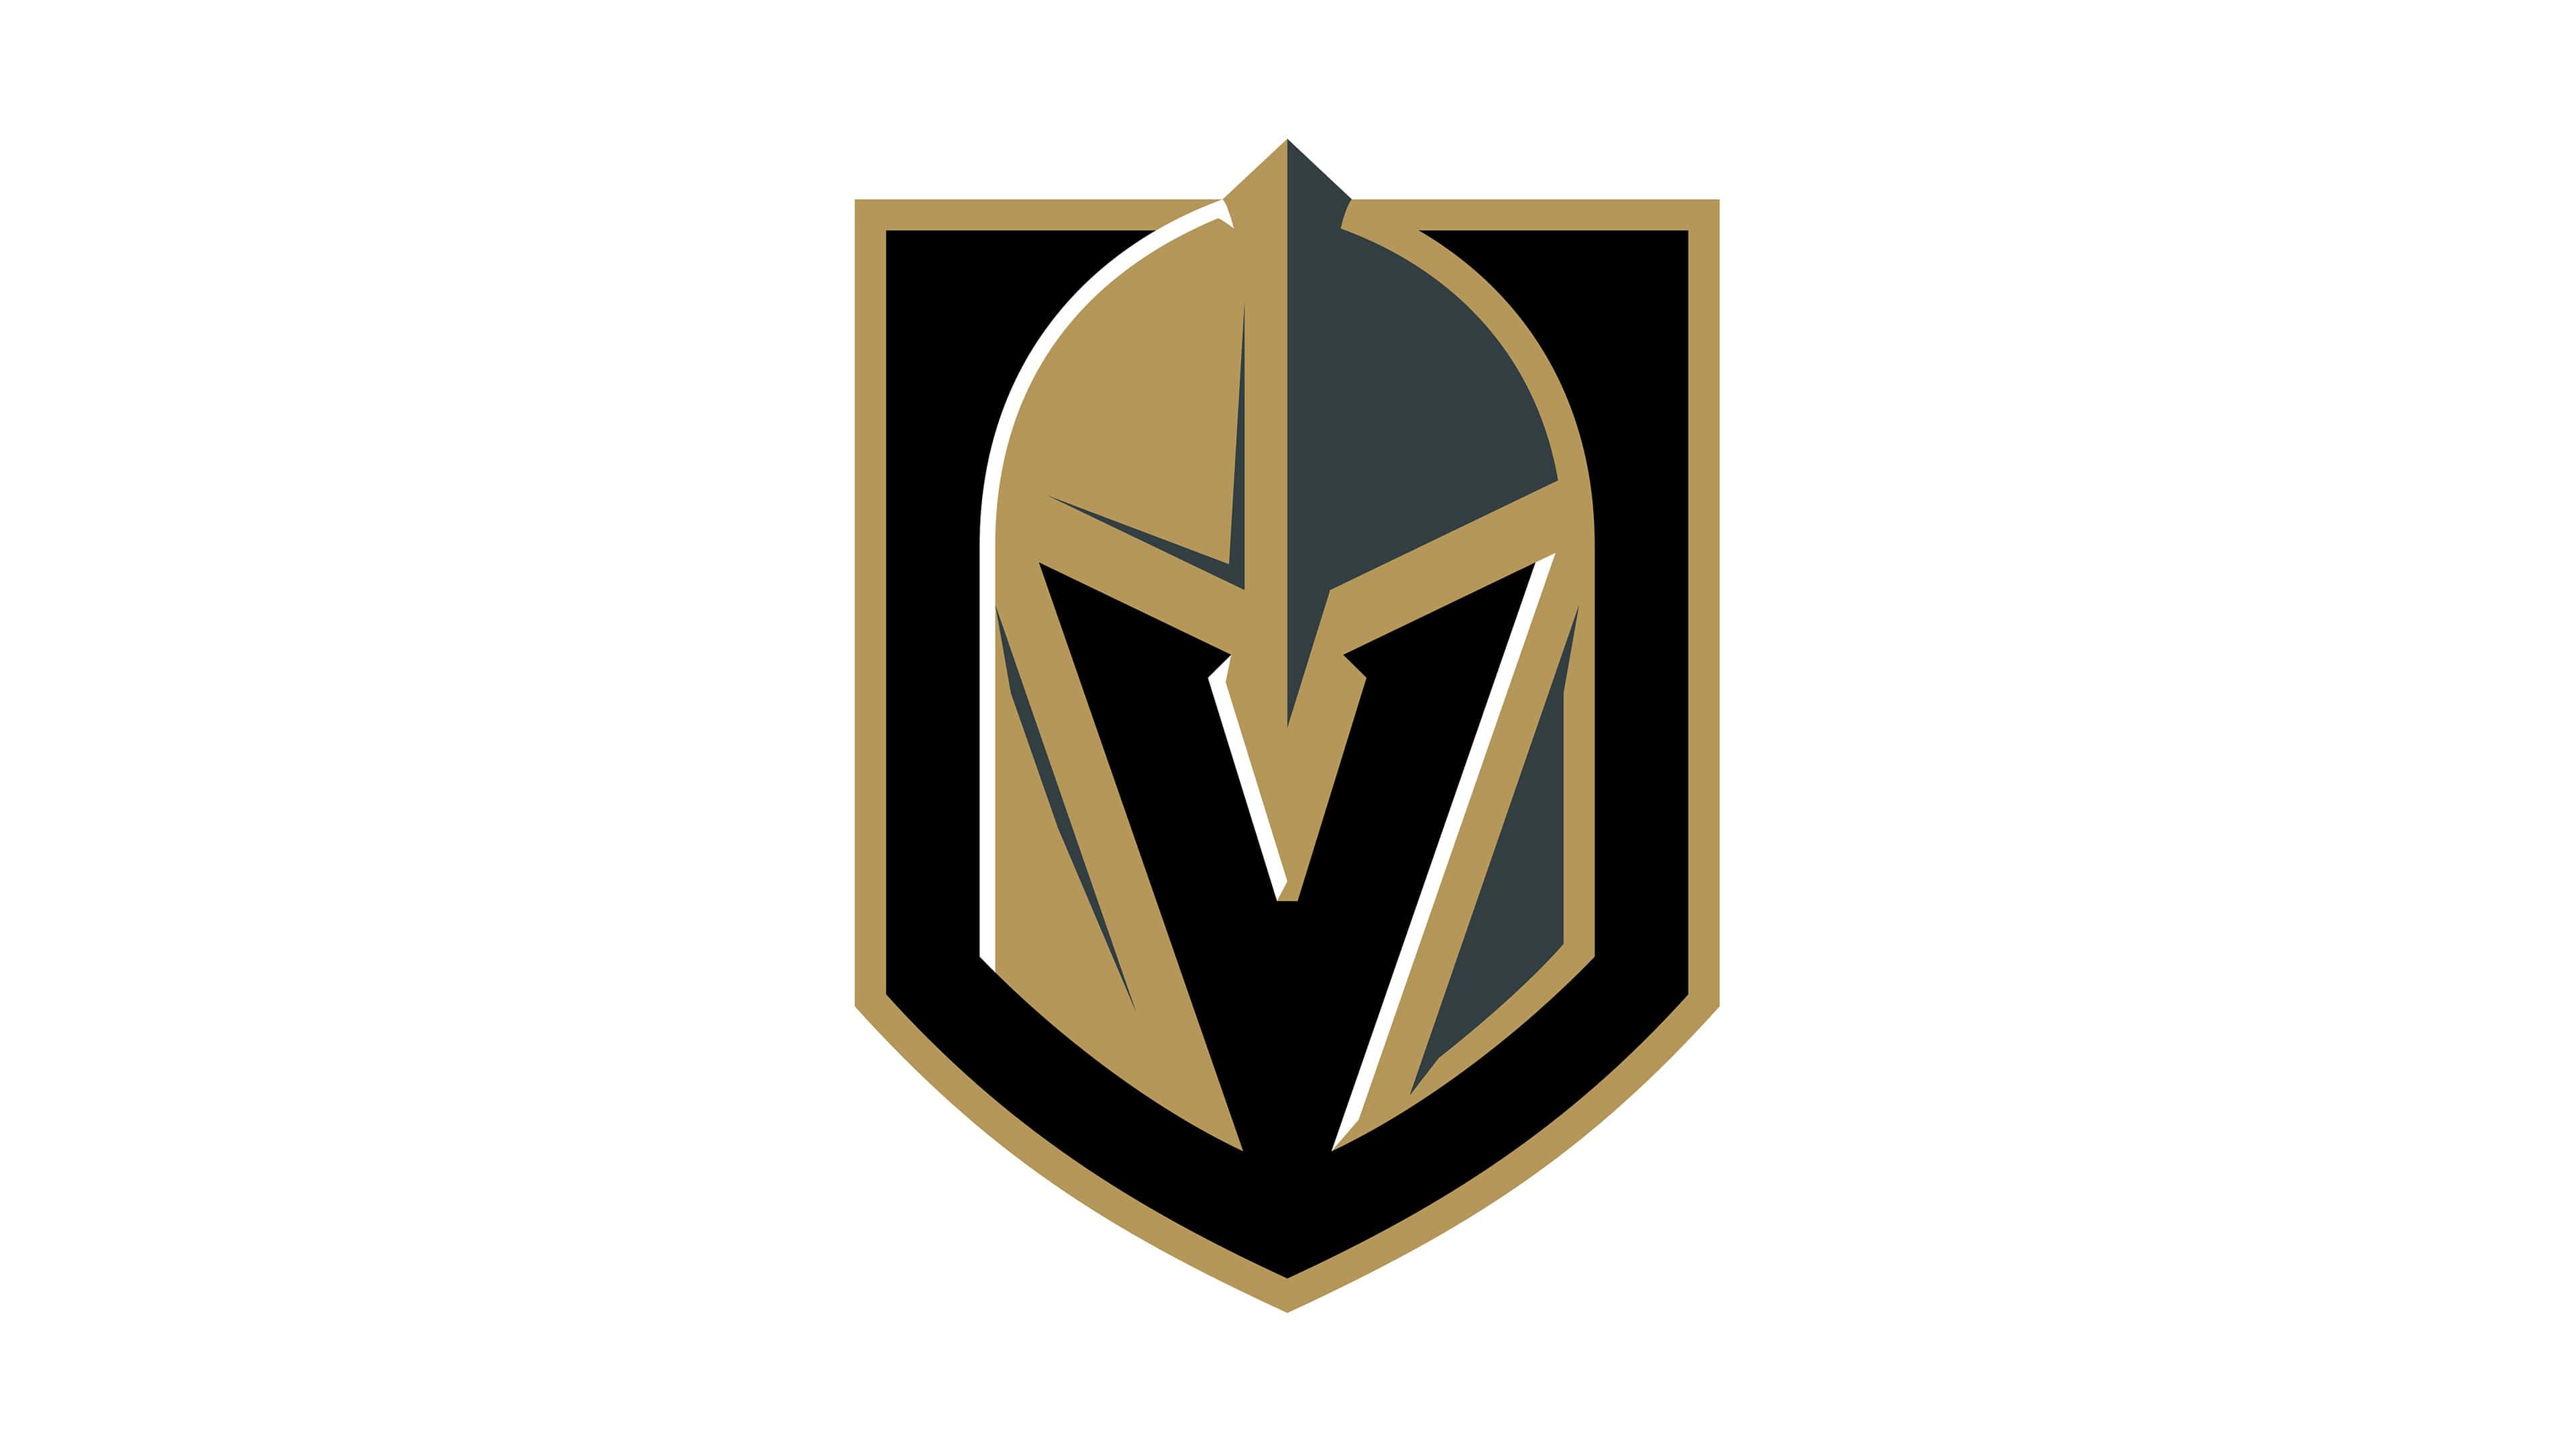 vegas golden knights nhl logo uhd 4k wallpaper